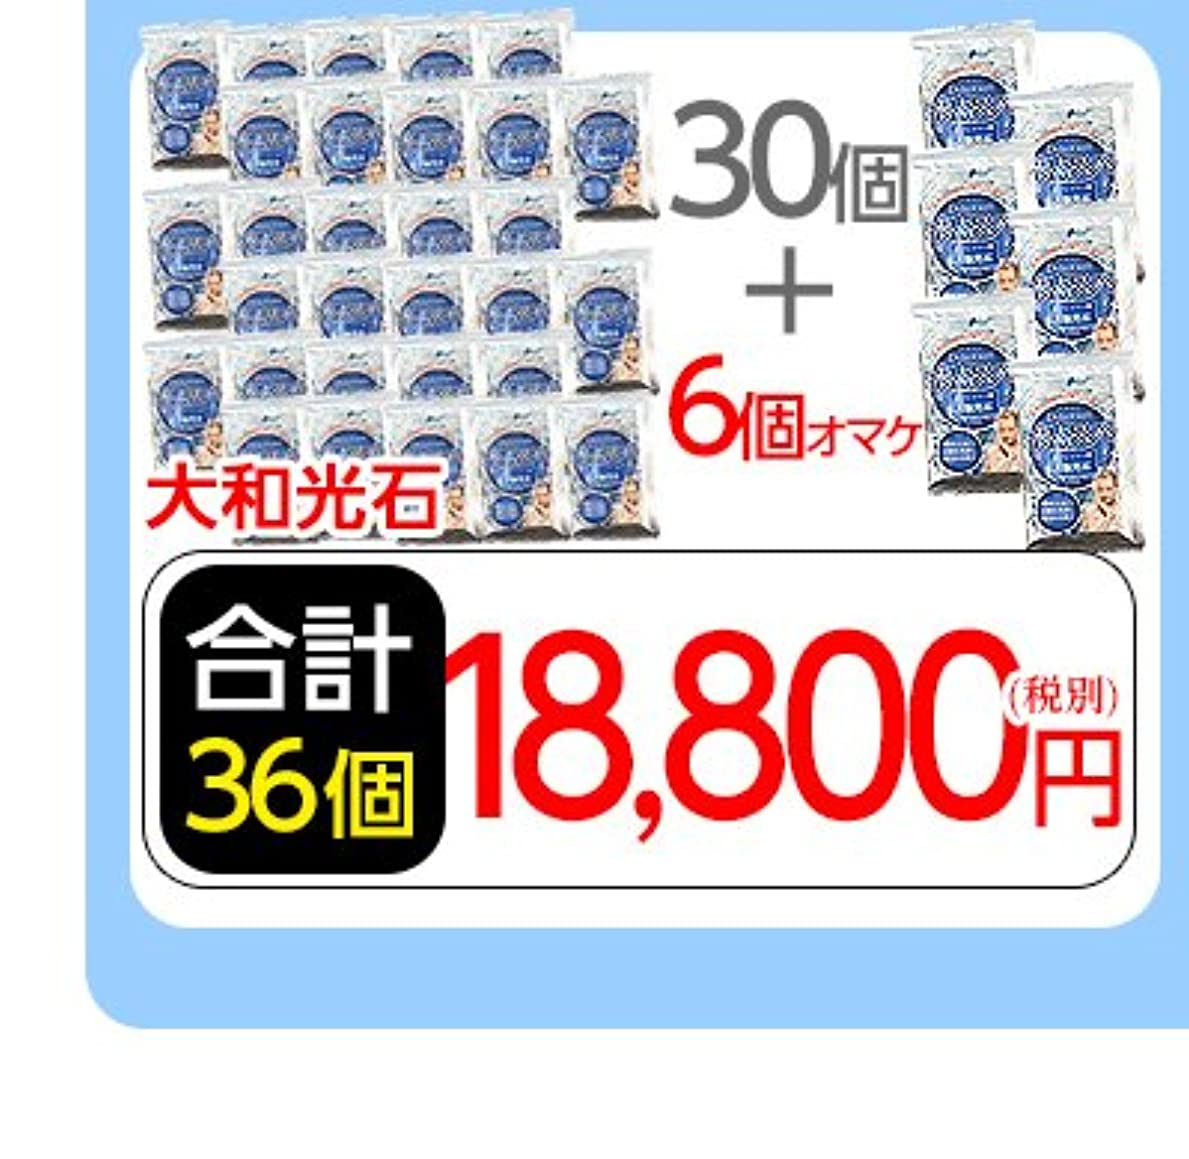 そうでなければ標高インフラデトキシャン水素スパ☆大和光石30個+6個オマケ